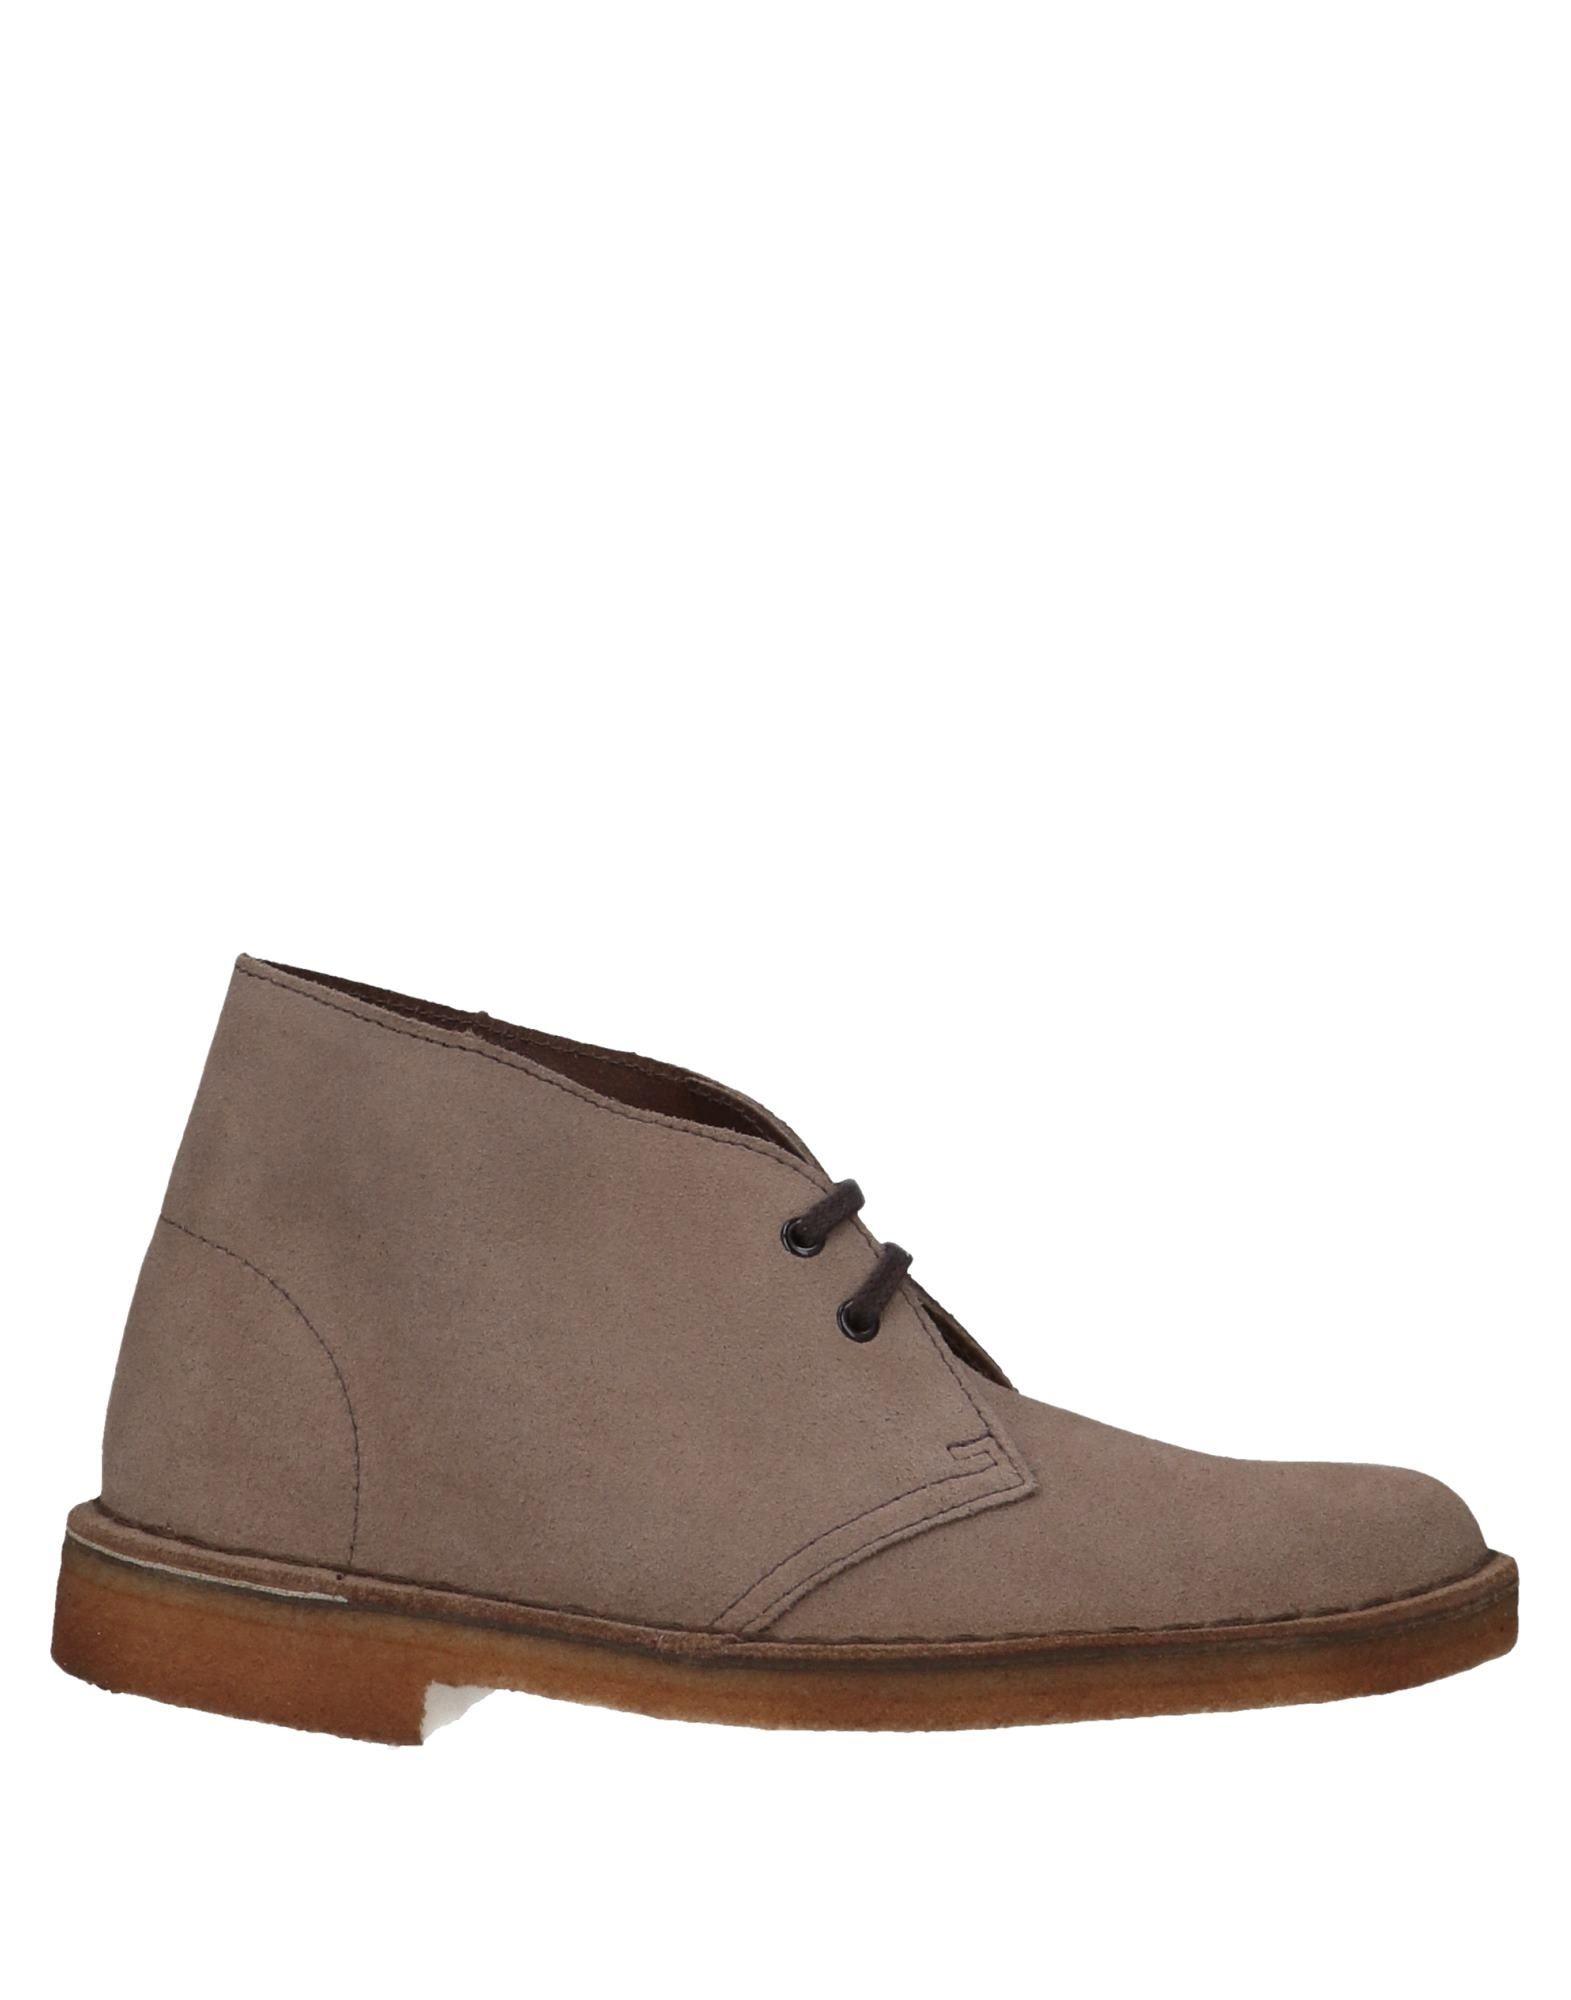 Clarks Originals Stiefelette Damen  11536354MM Gute Qualität beliebte Schuhe